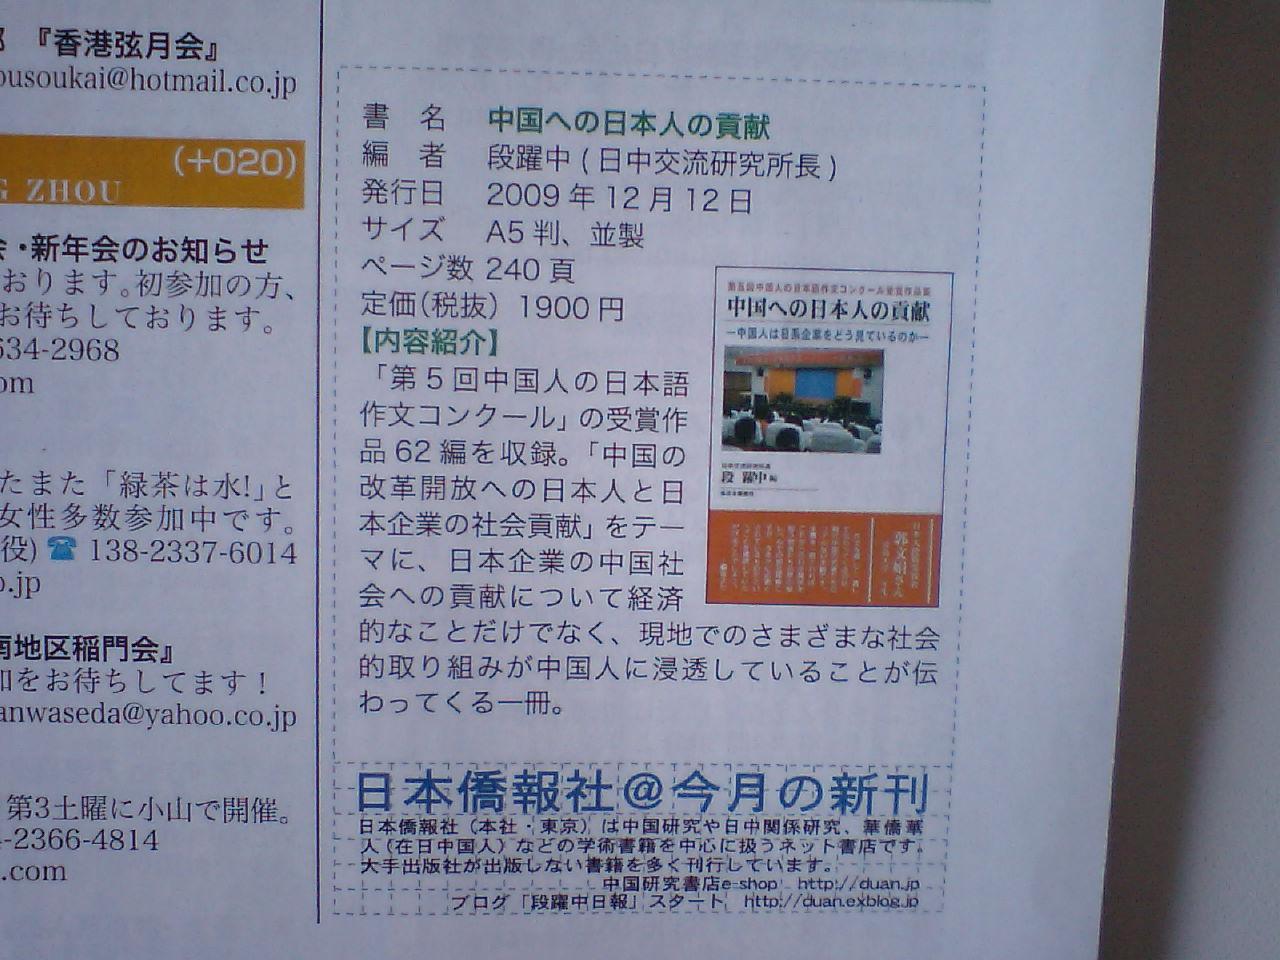 『中国への日本人の貢献』 2月号「華南月報」に紹介されました_d0027795_1452408.jpg